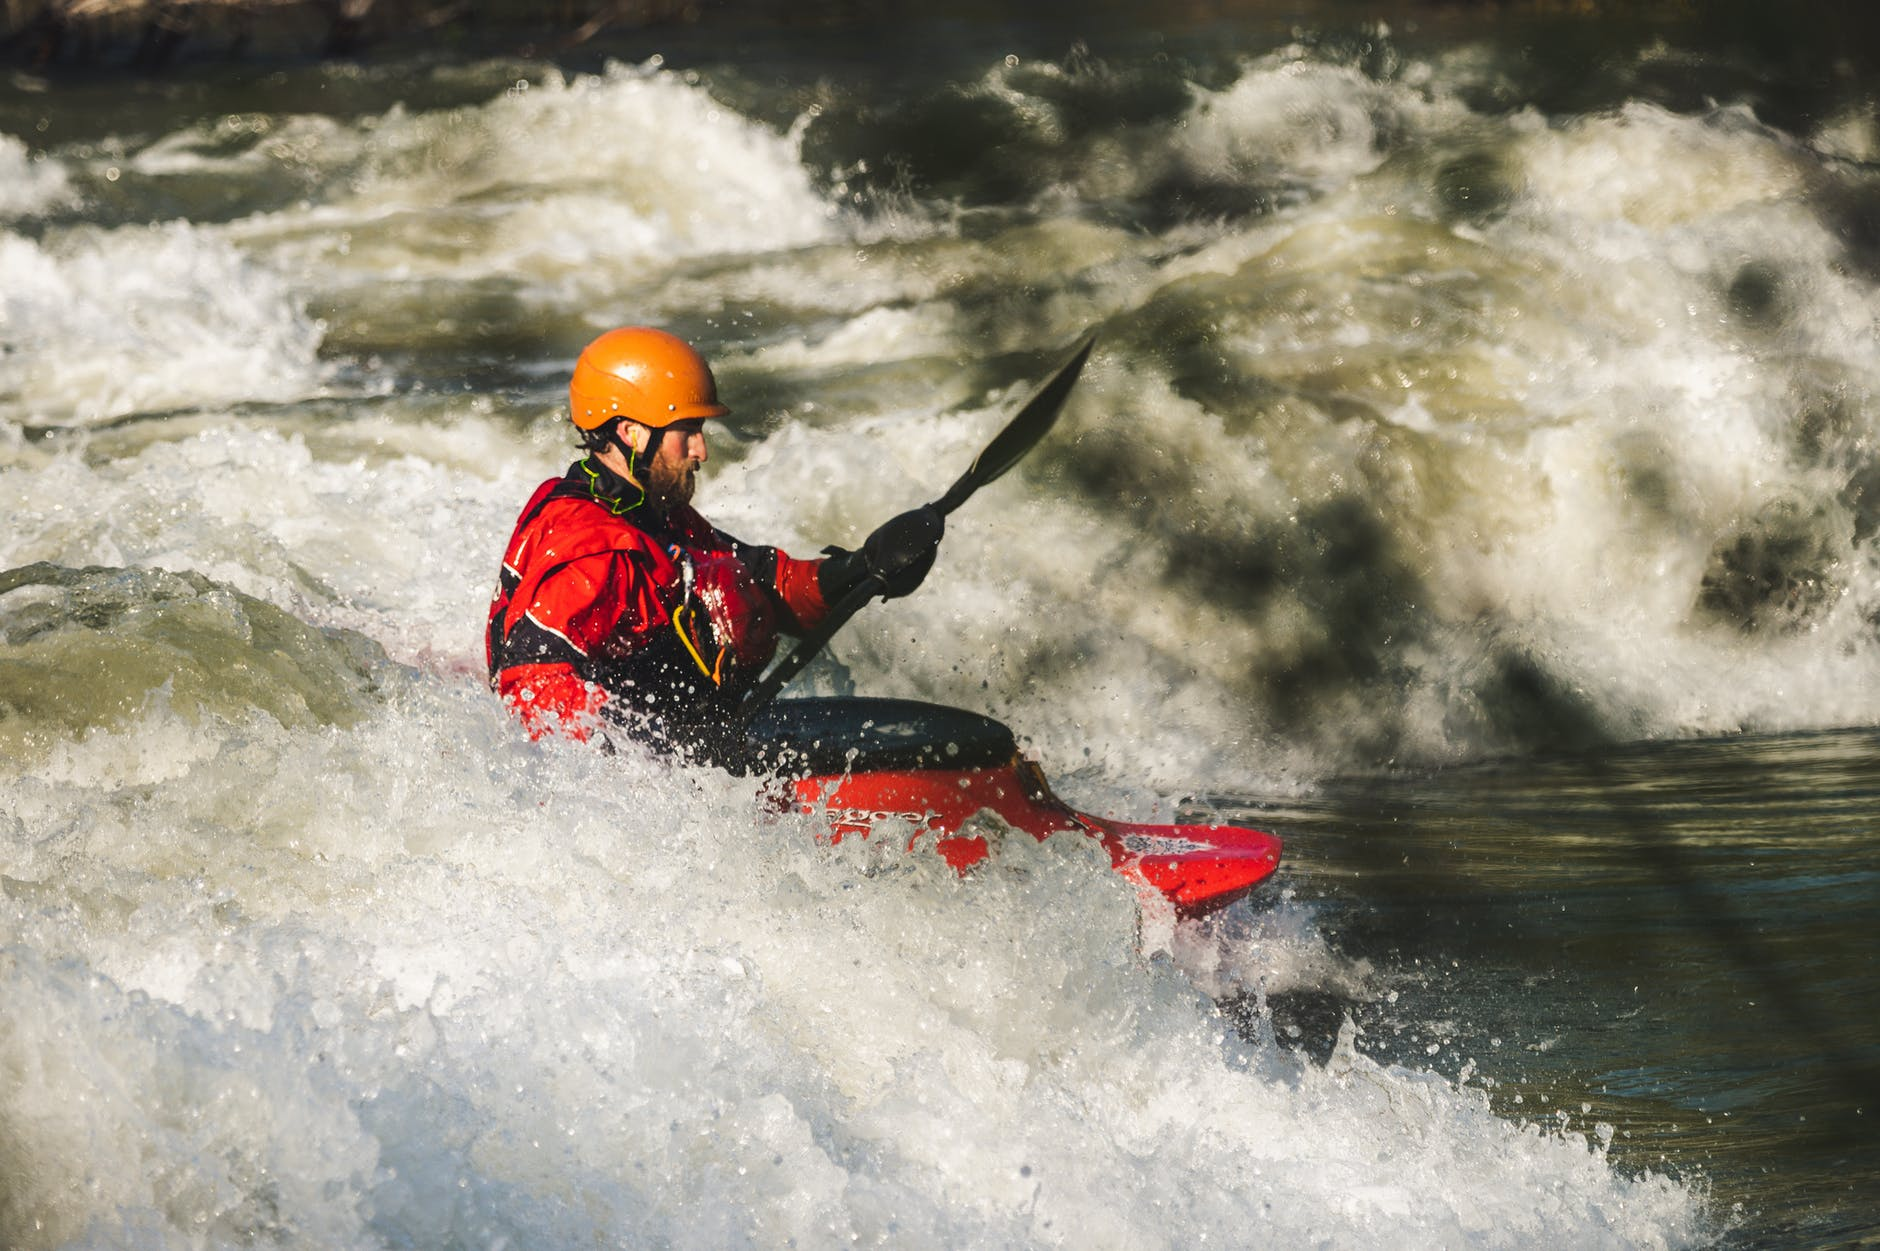 man on red watercraft